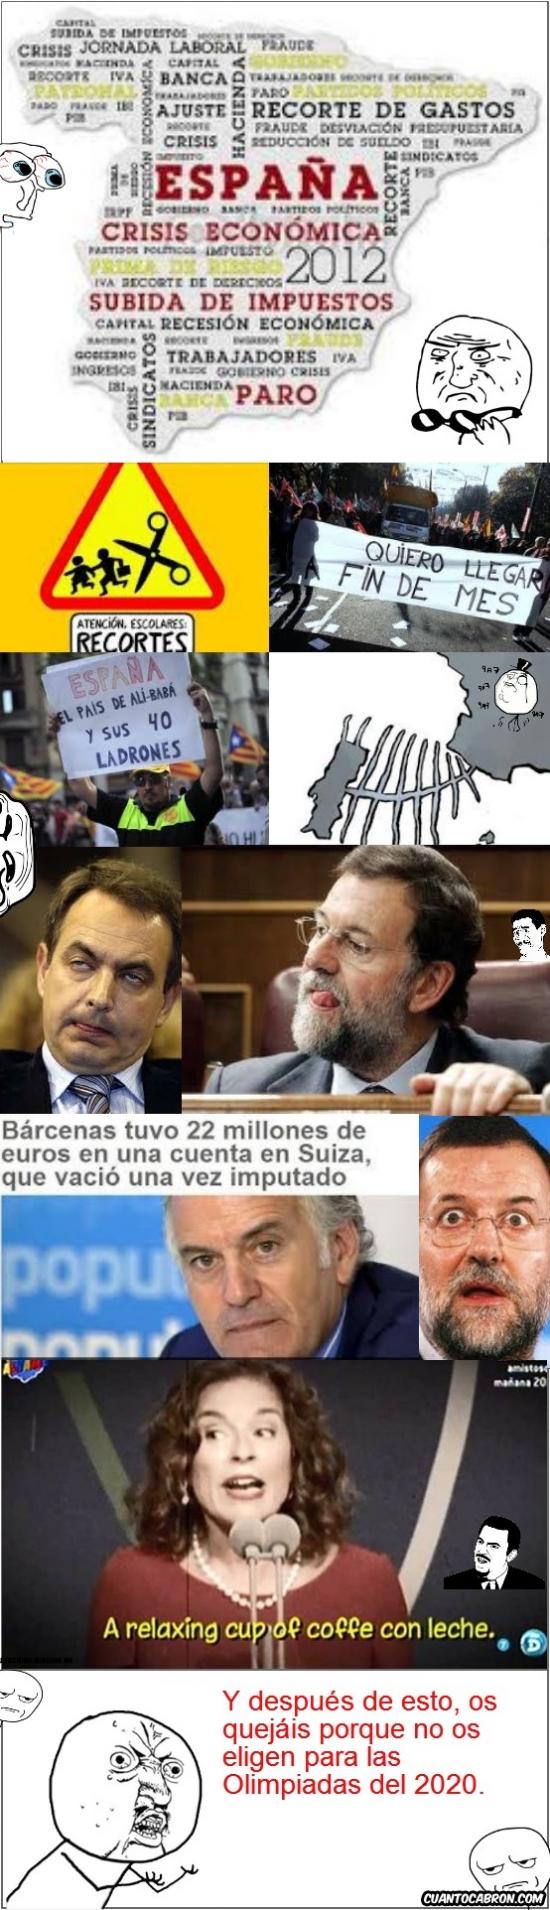 Y_u_no - ¿Olimpiadas en España?